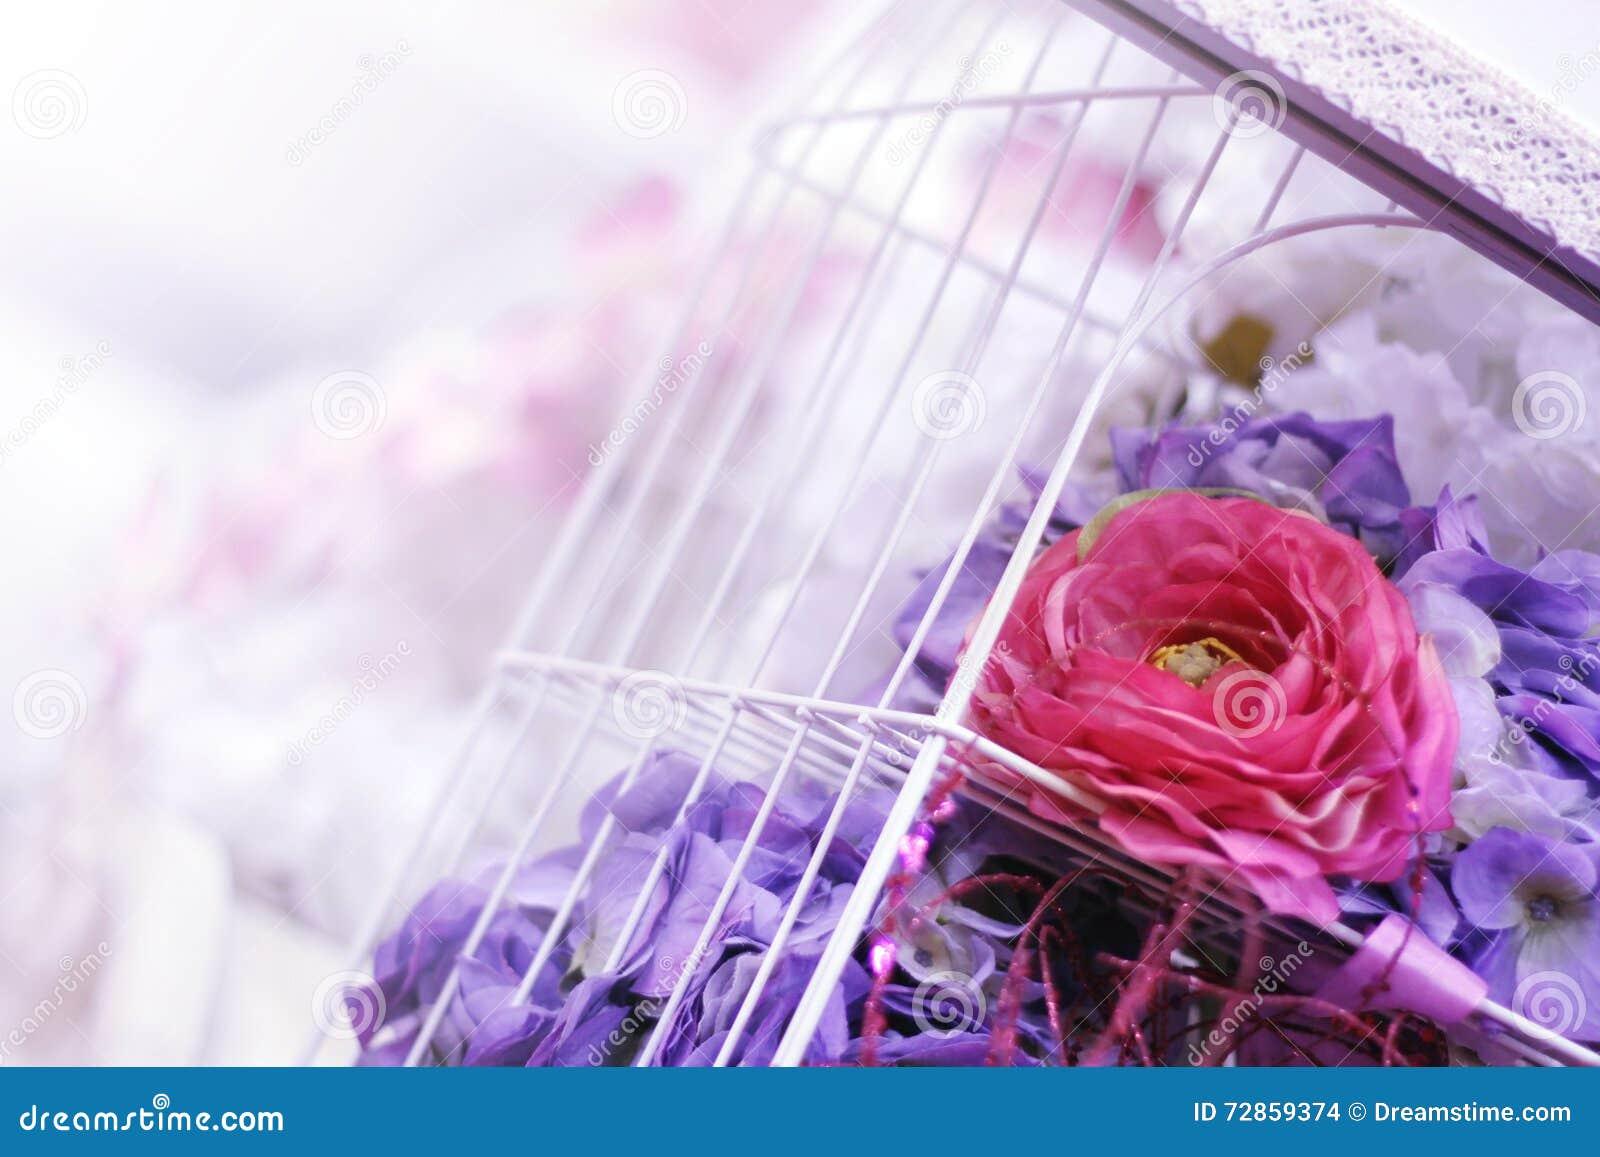 Purple Wedding Decor Stock Photo Image Of Rose Wedding 72859374